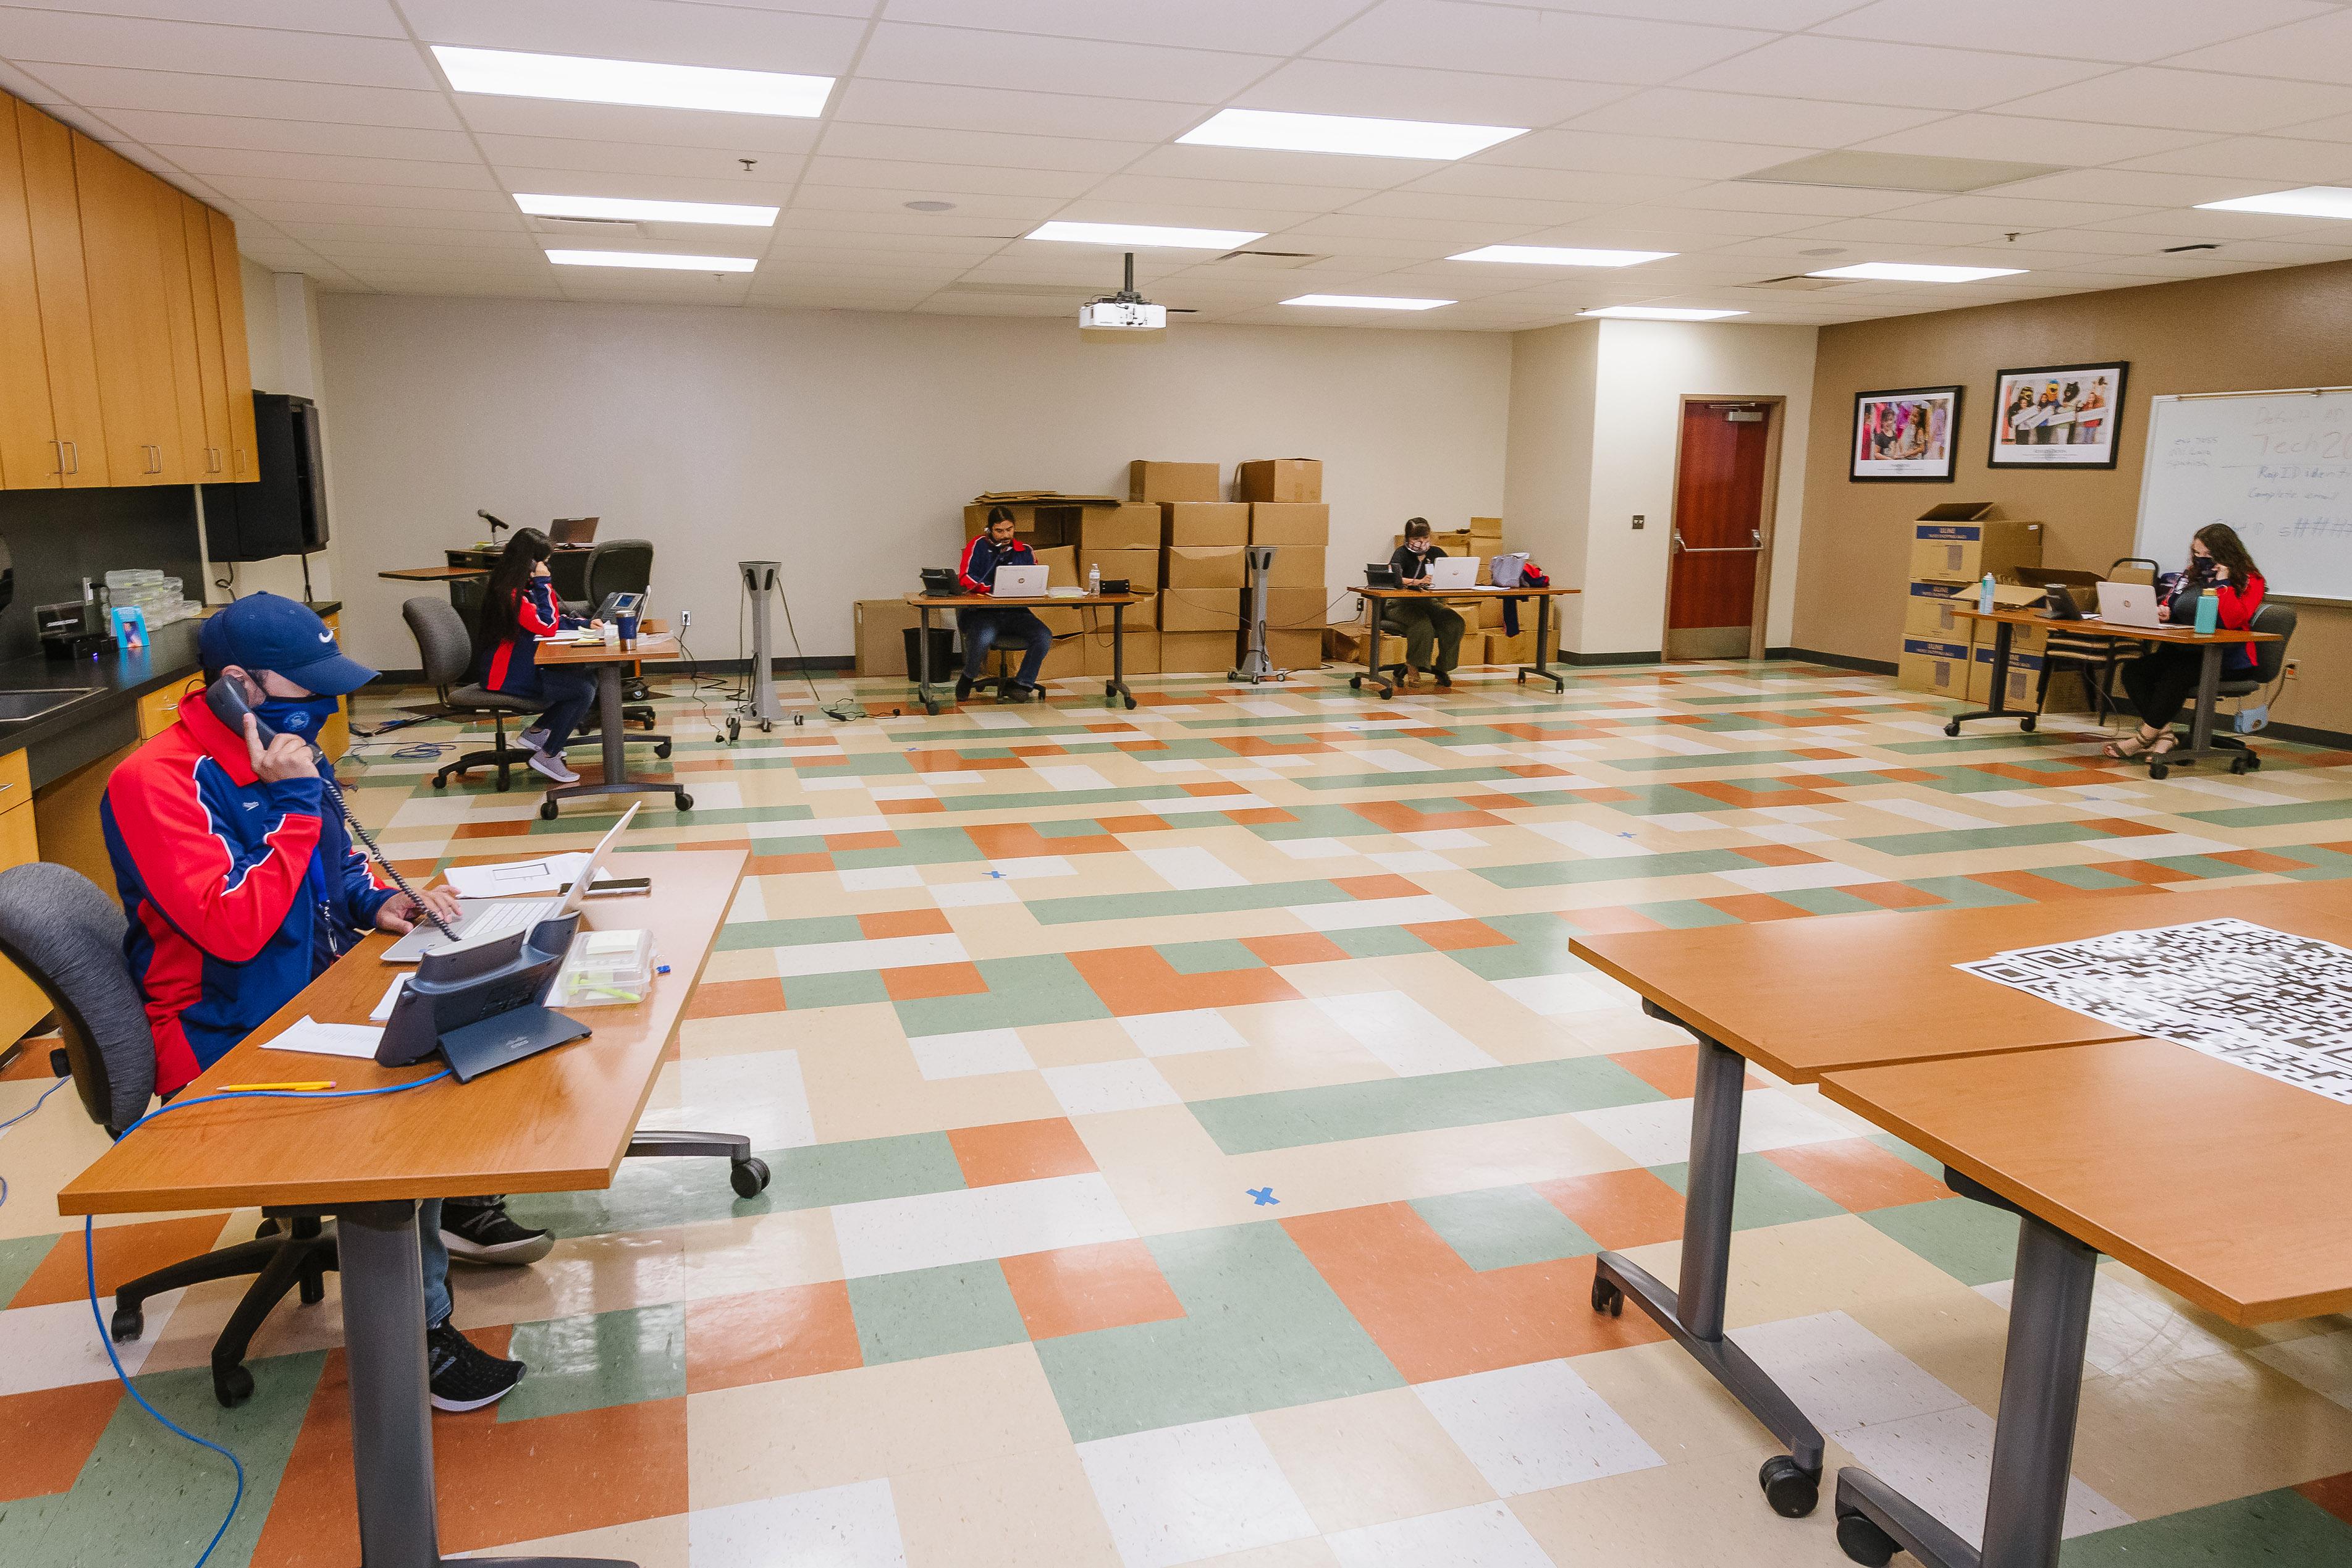 El Centro de Apoyo Tecnológico ofrece una línea salvavidas a los padres y estudiantes.